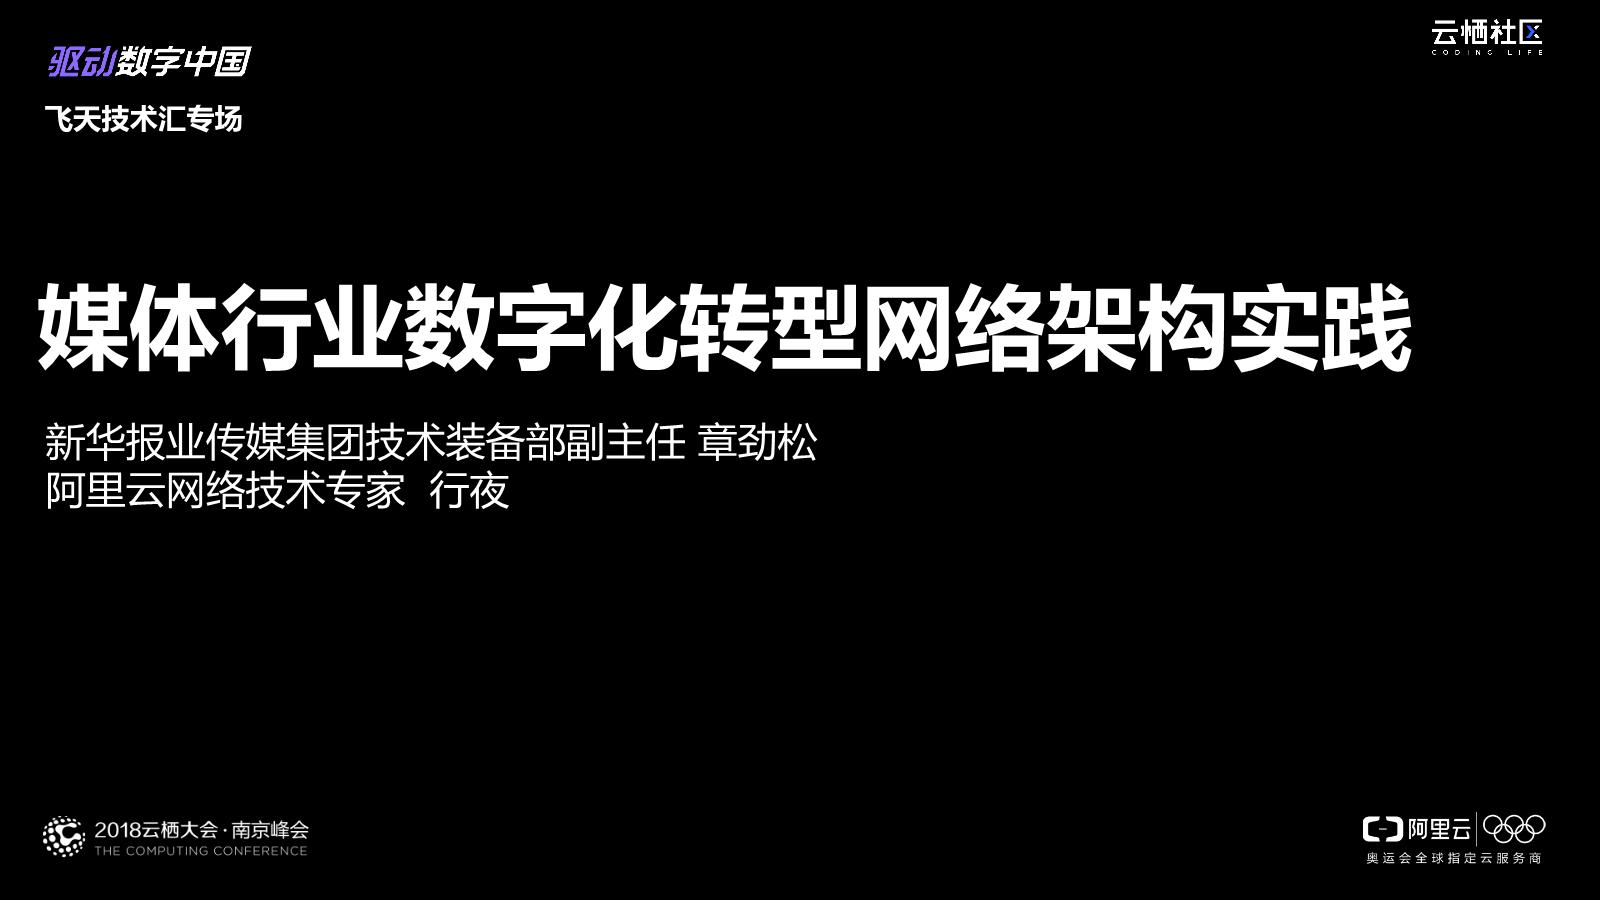 胡茂庐-媒体行业数字化转型网络架构实践